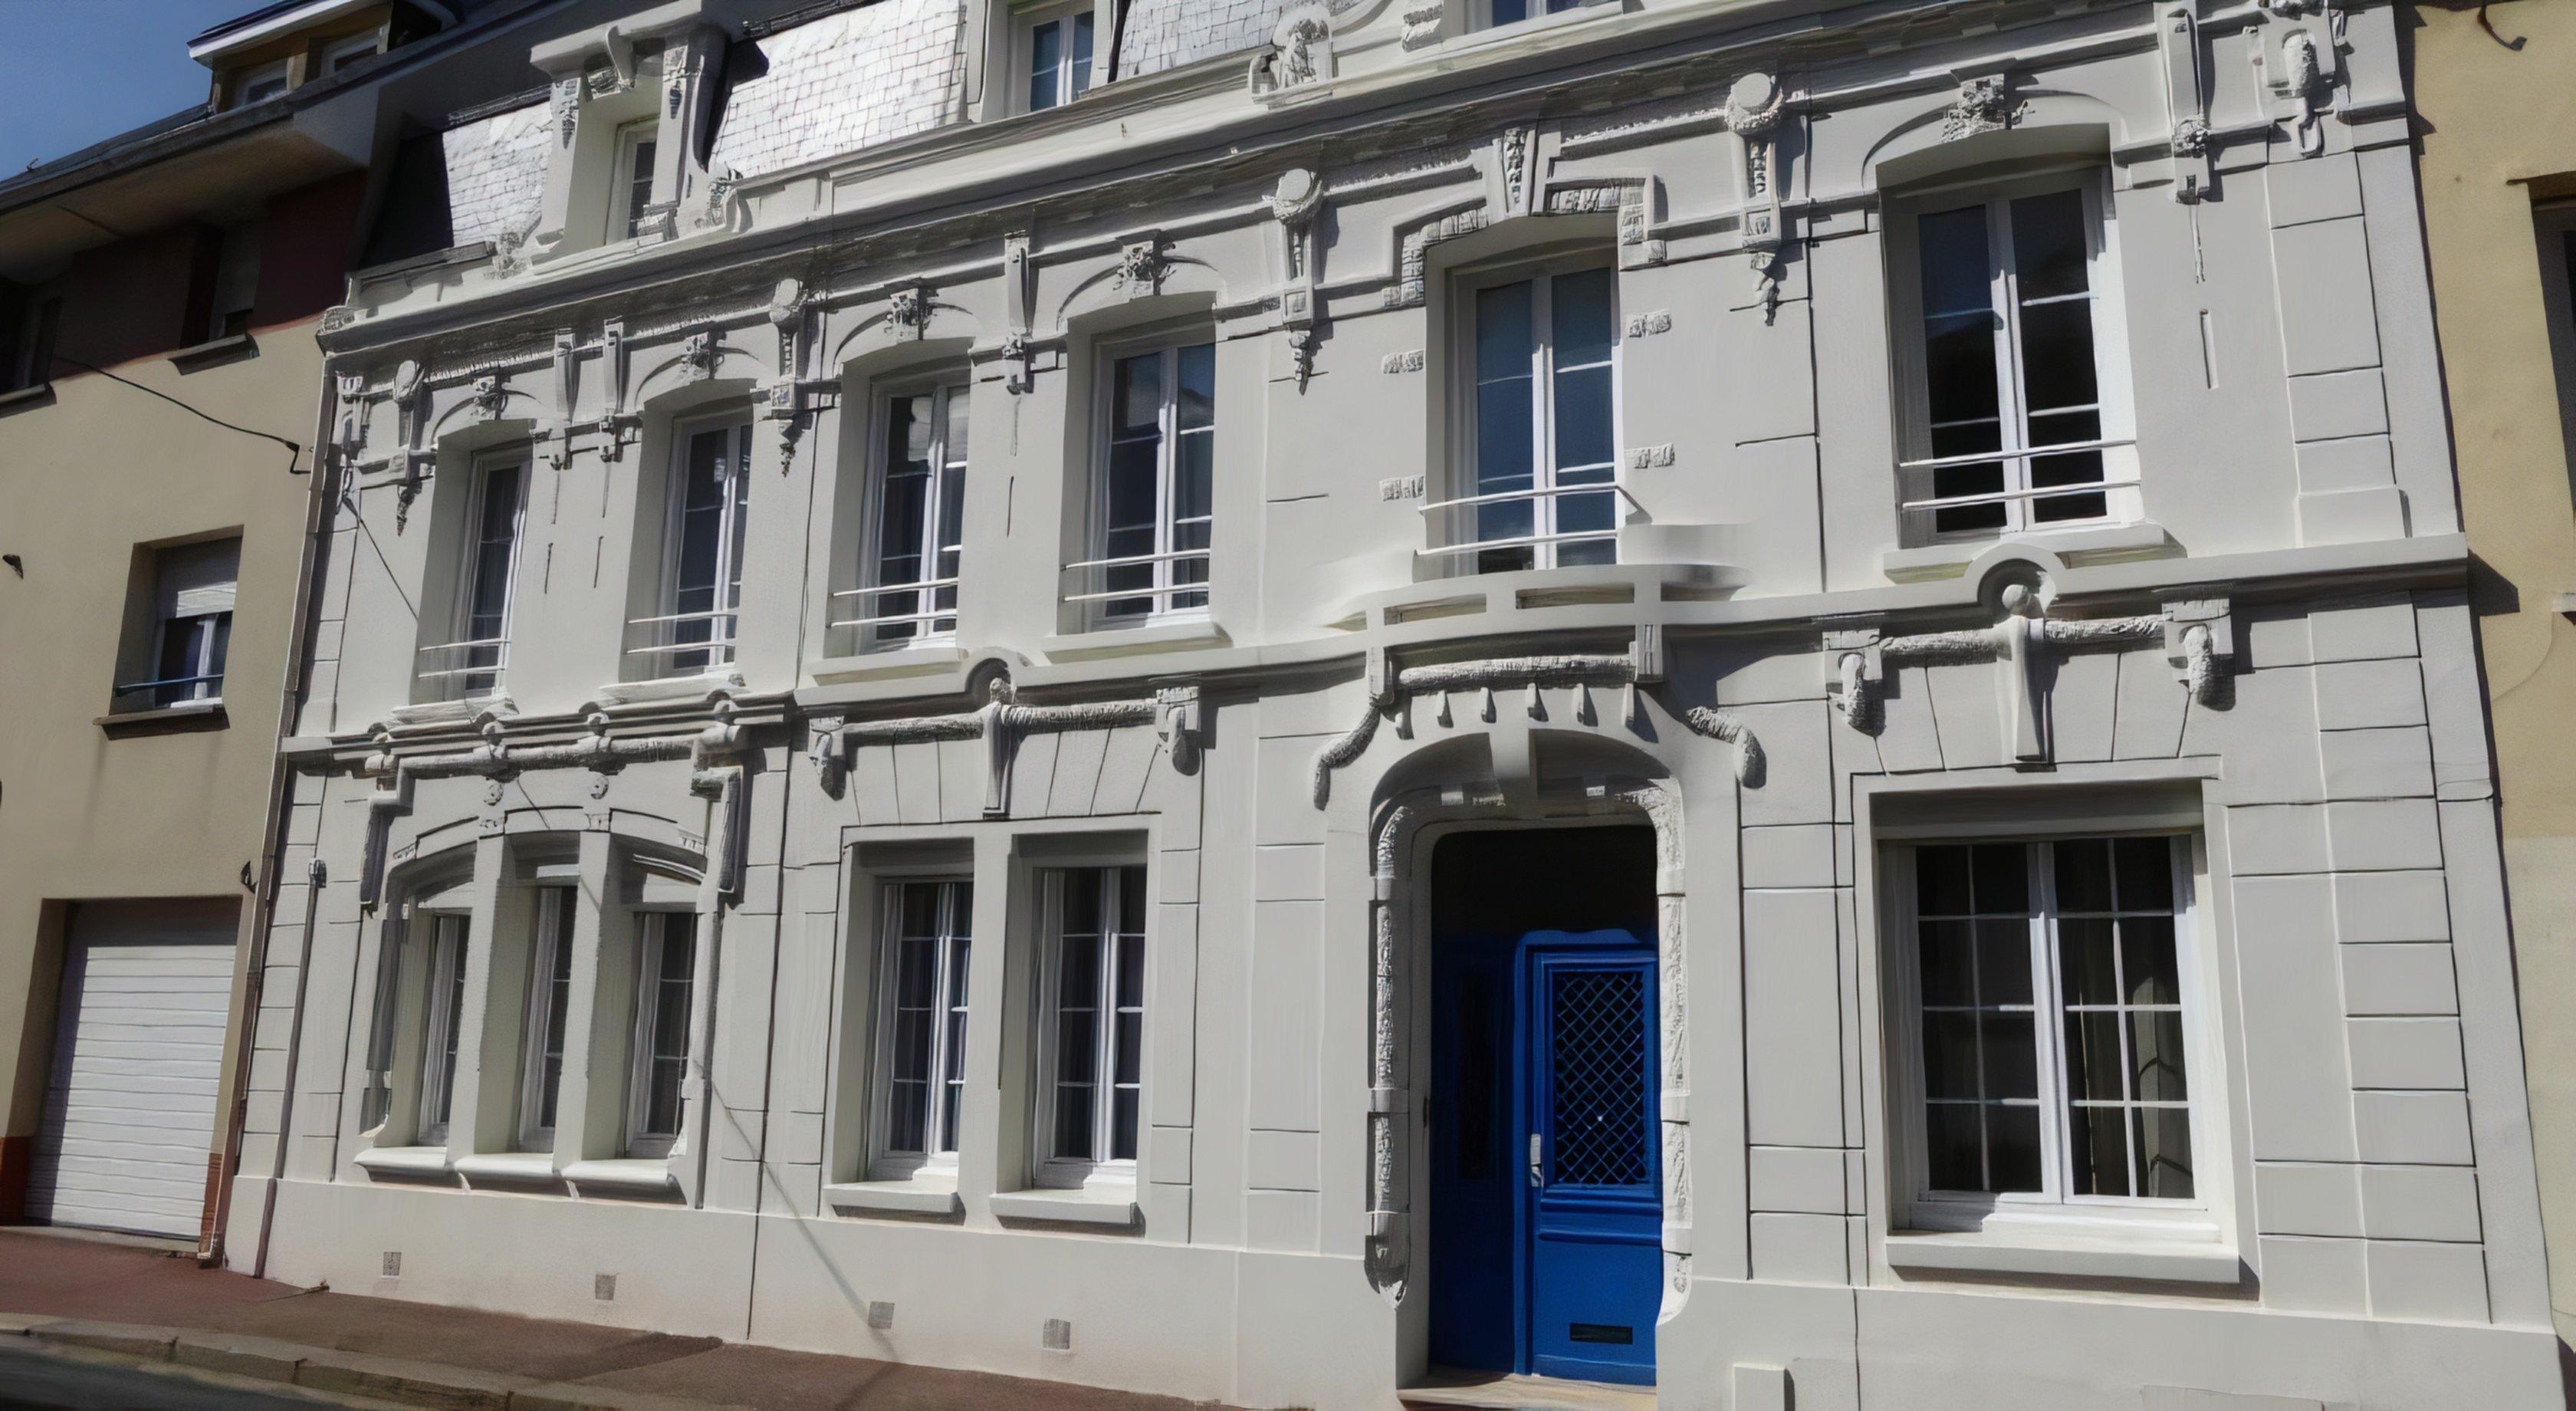 A large white building at A La Maison Blanche.